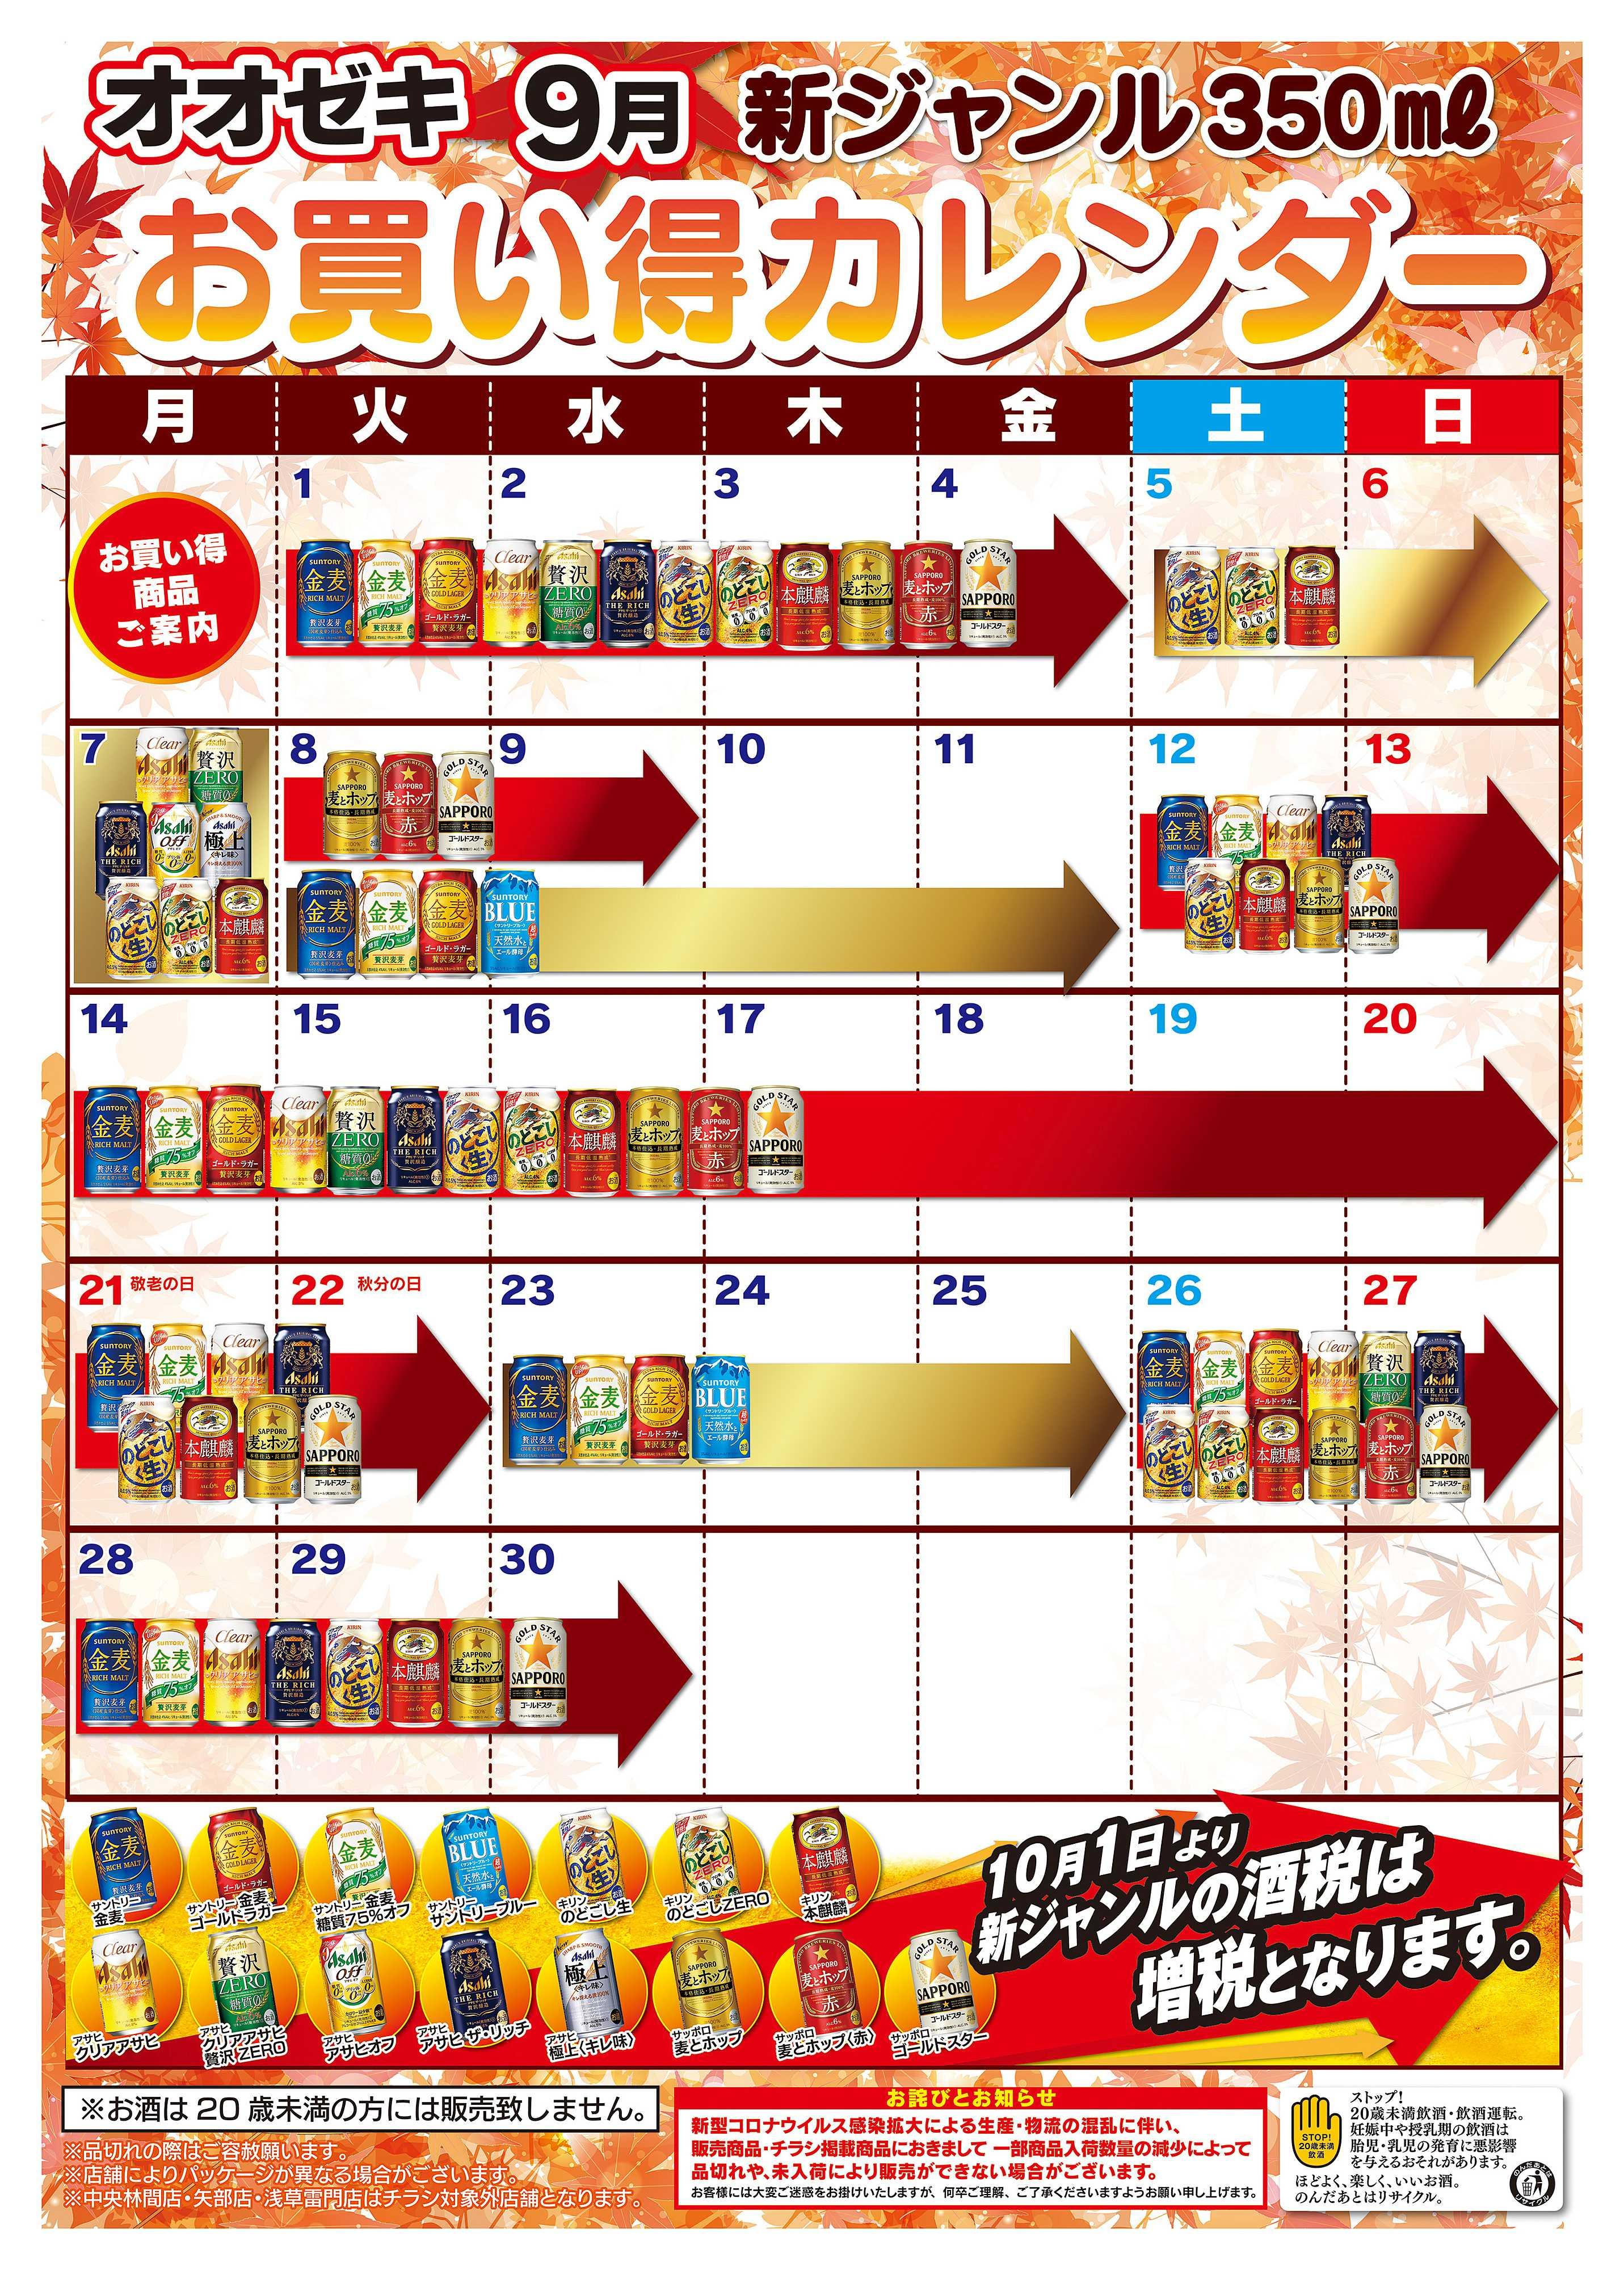 オオゼキ 9月 お酒お買い得カレンダー